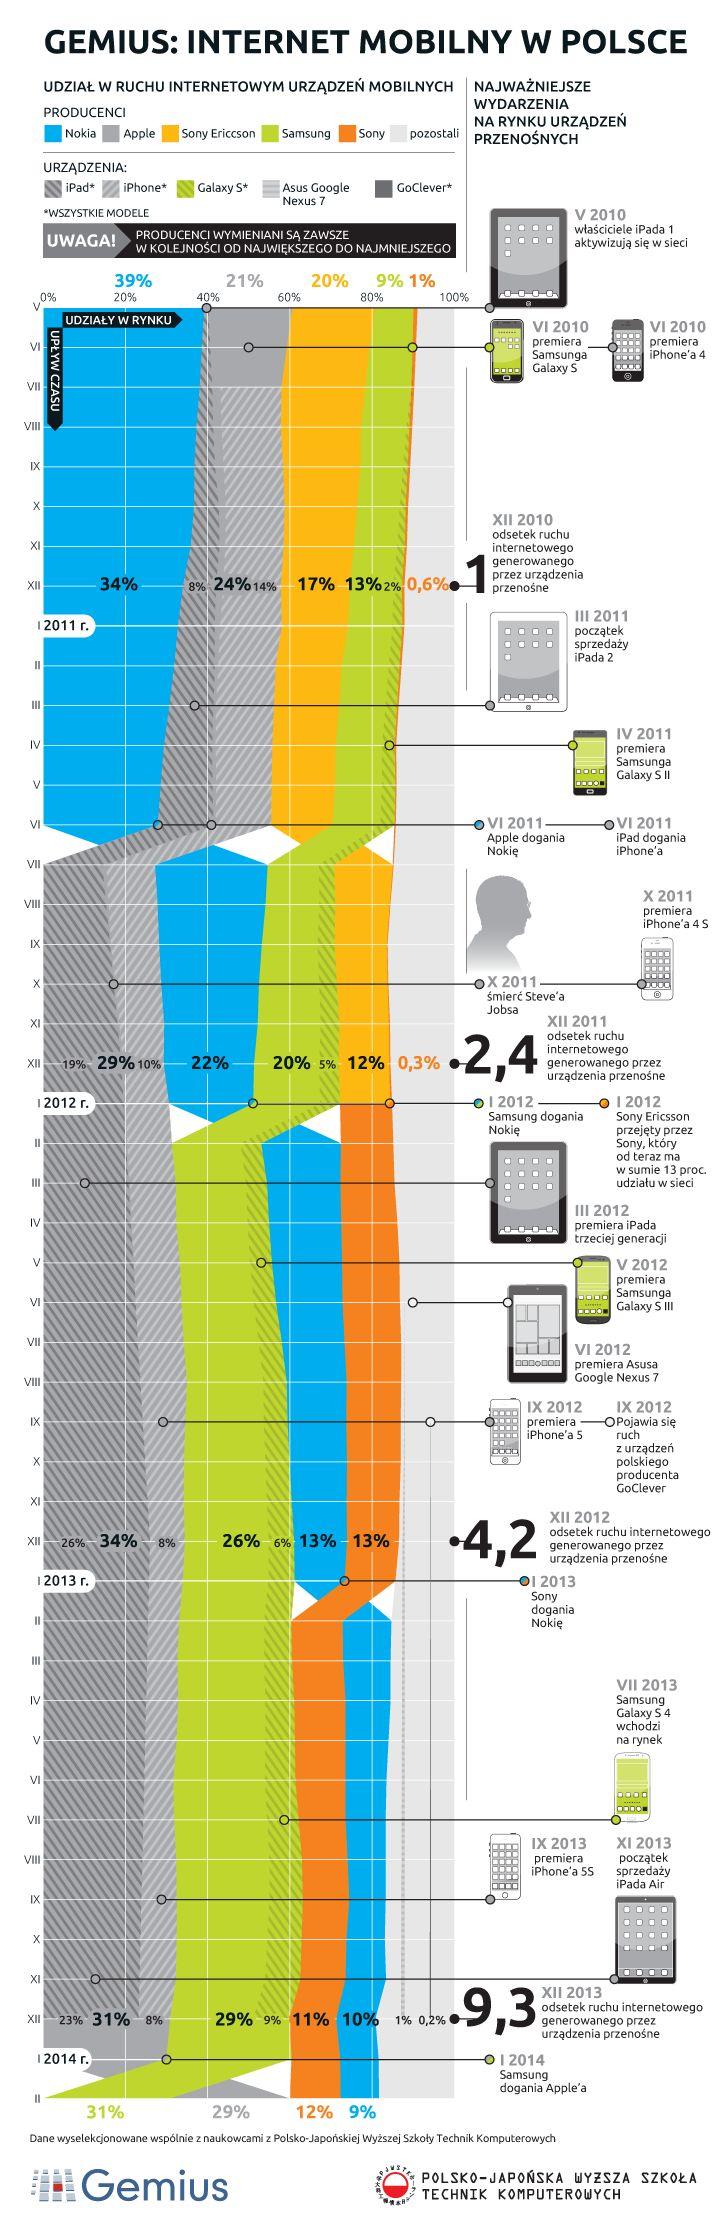 Internet mobilny w Polsce 2014